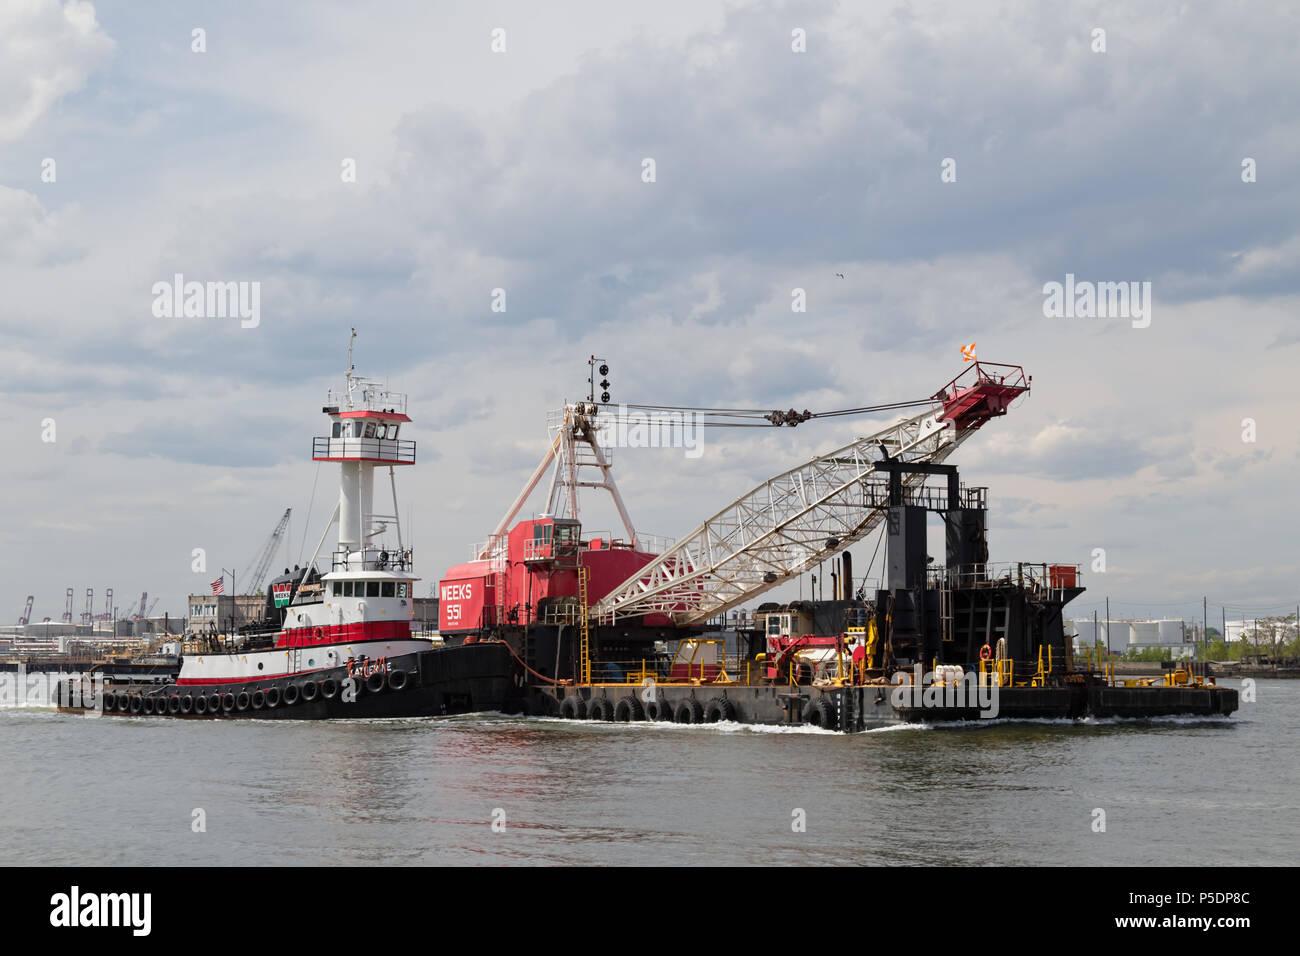 Wochen Marine Schlepper Katherine Richtung Osten auf den New Yorker Hafen mit Wochen 551. Stockfoto